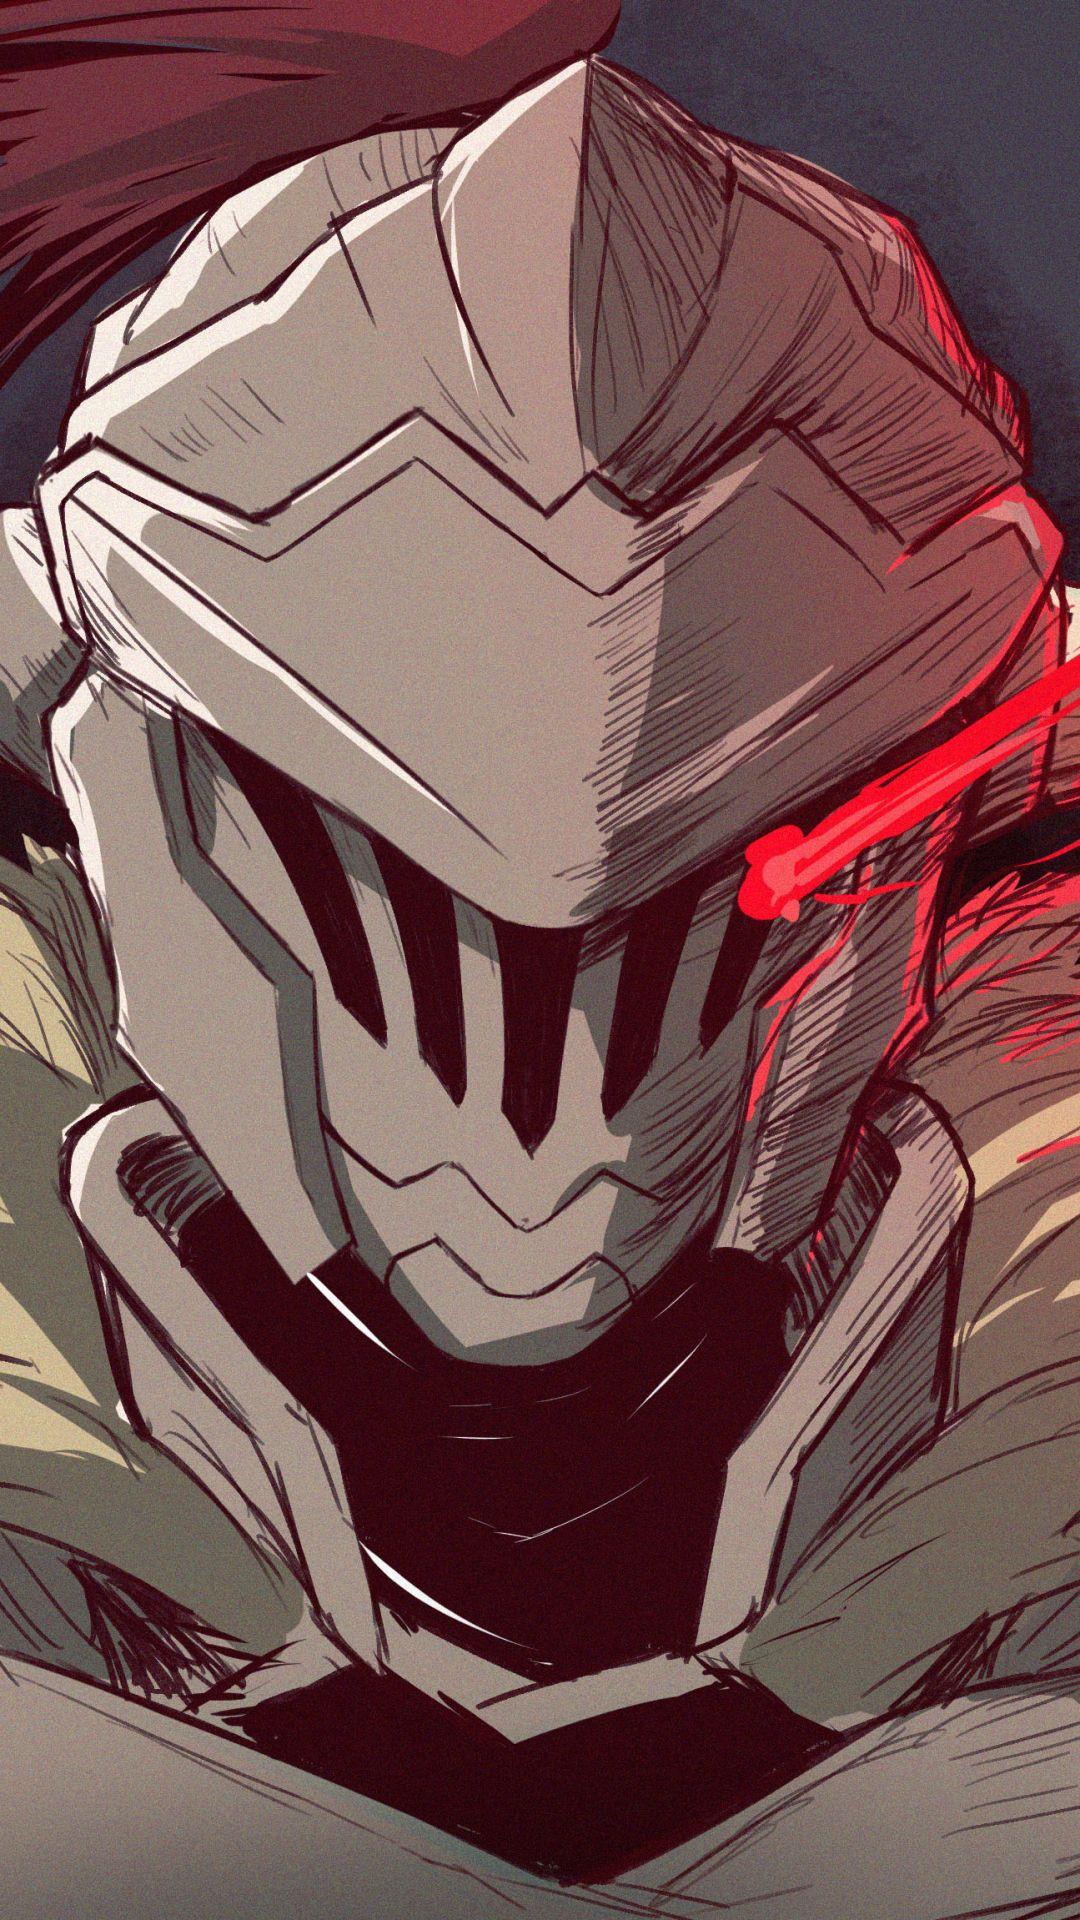 Anime Goblin Slayer 1080x1920 Fondo De Pantalla Para